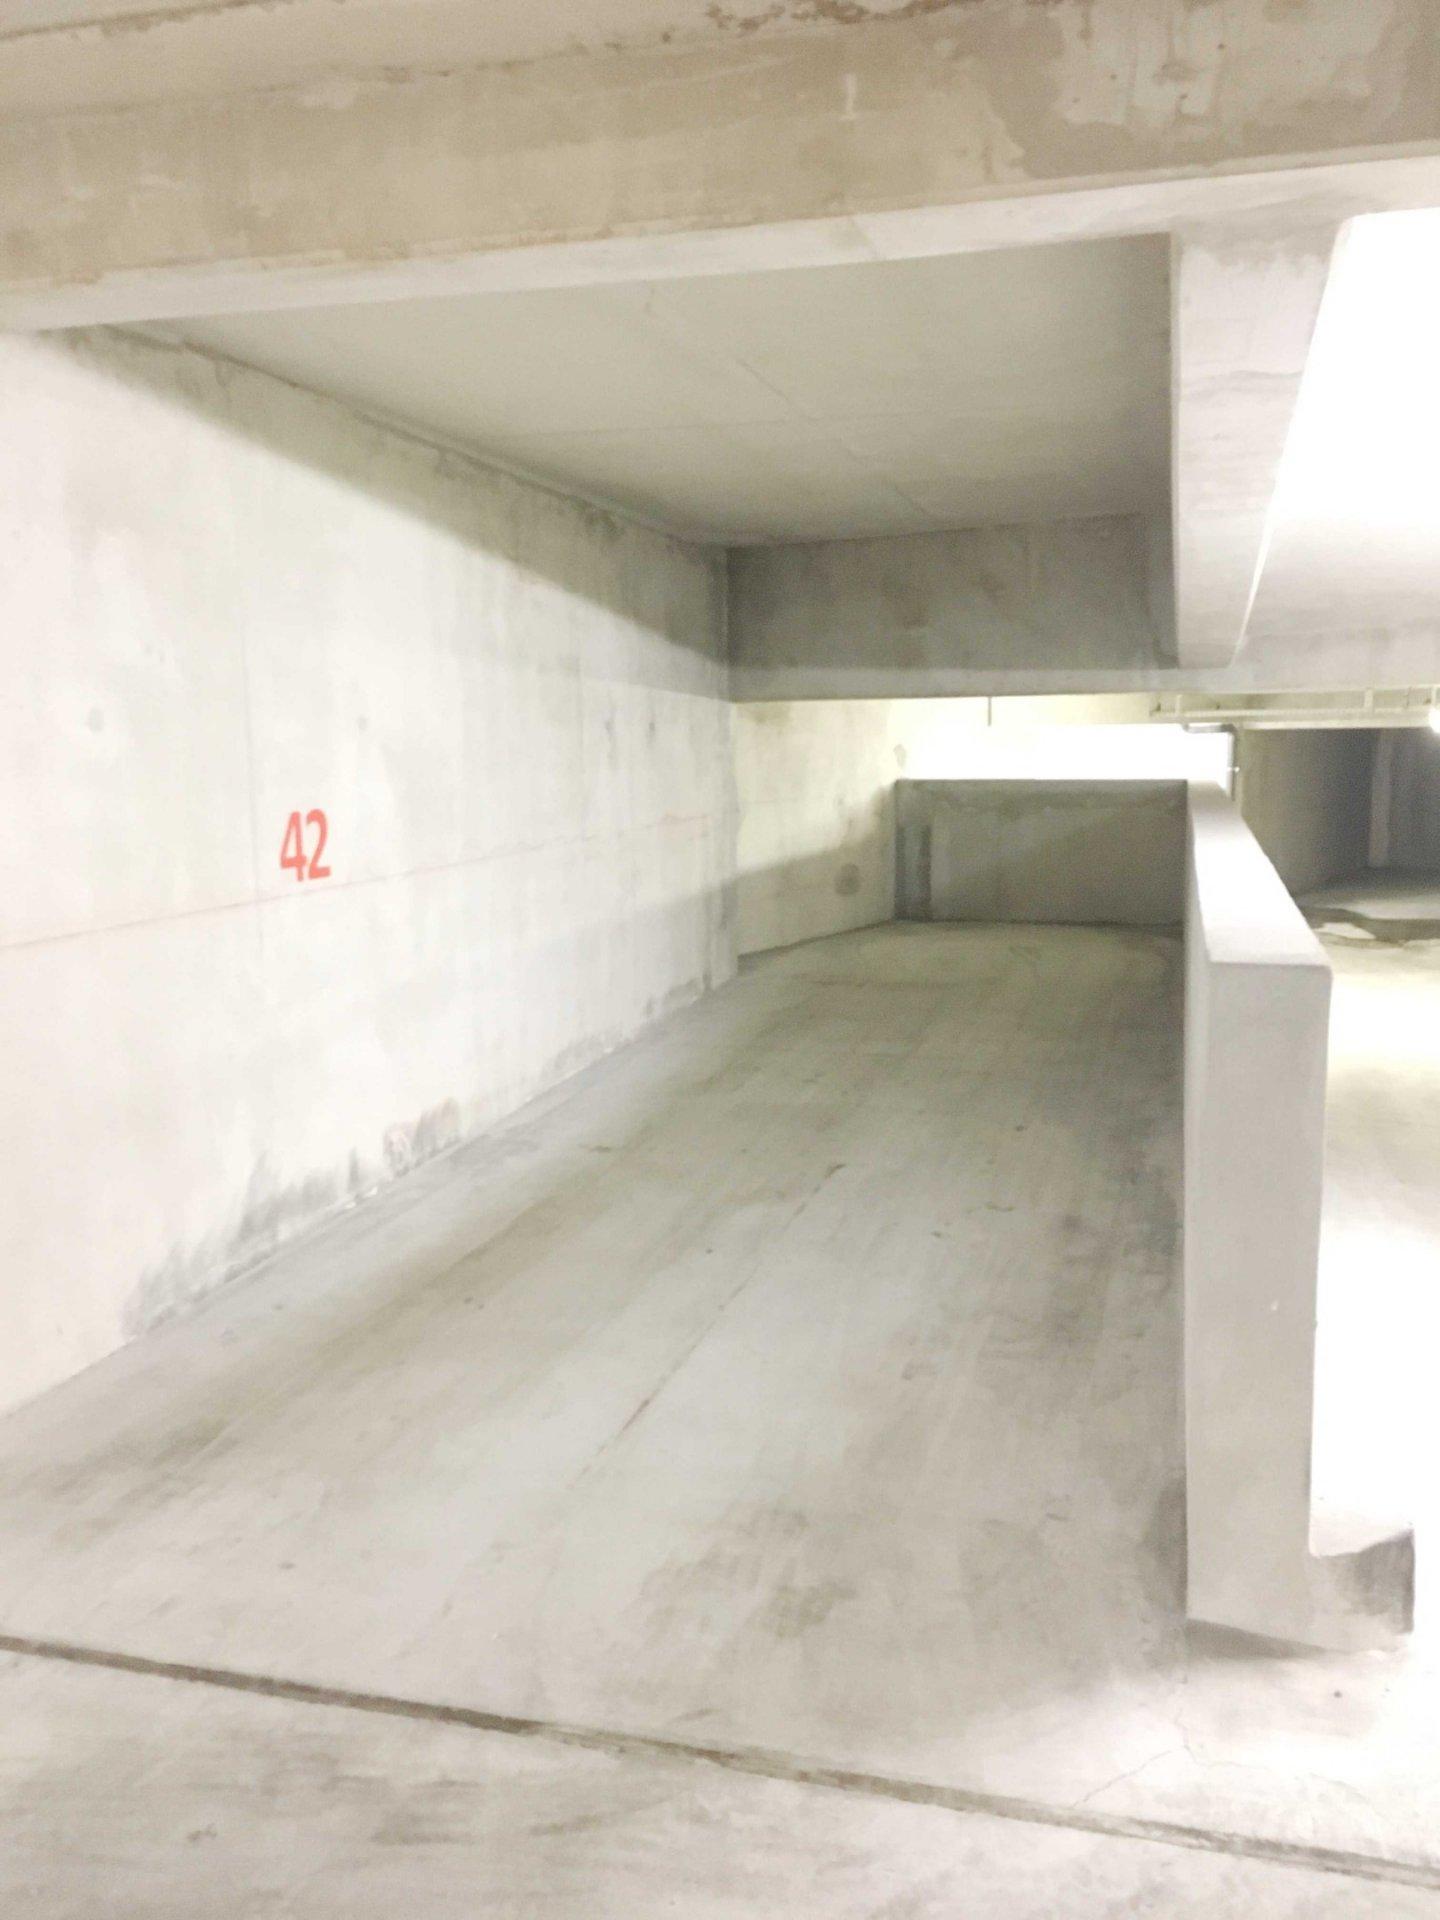 A Louer 1 place de parking simple avec espace de rangement en sous sol dans résidence sécurisée quartier SAINT